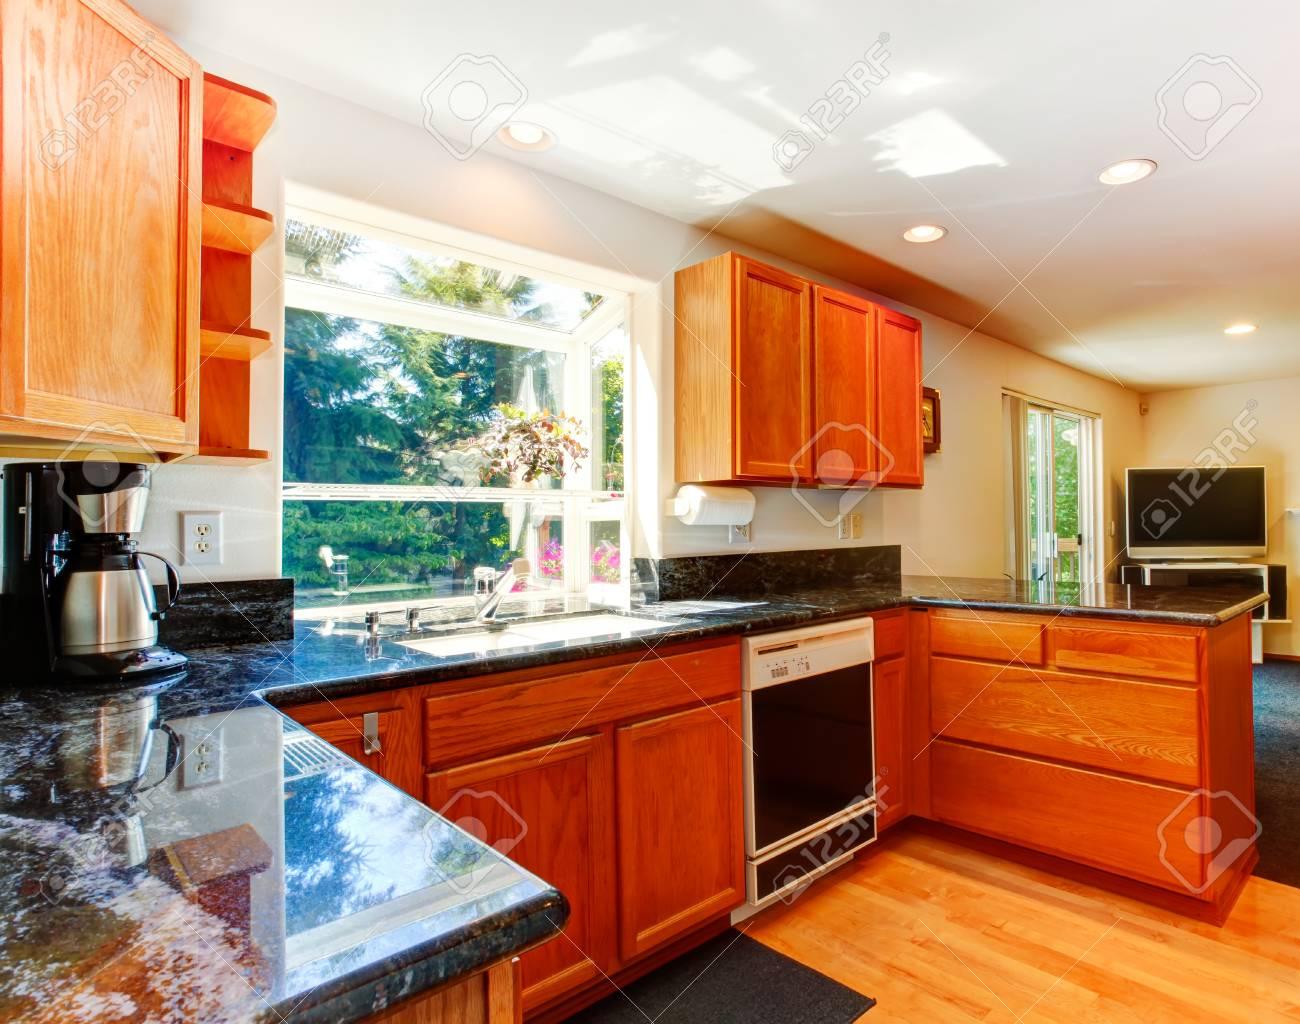 Küche Zimmer Mit Schränke Aus Holz Und Schwarzem Granit Tops. Blick ...